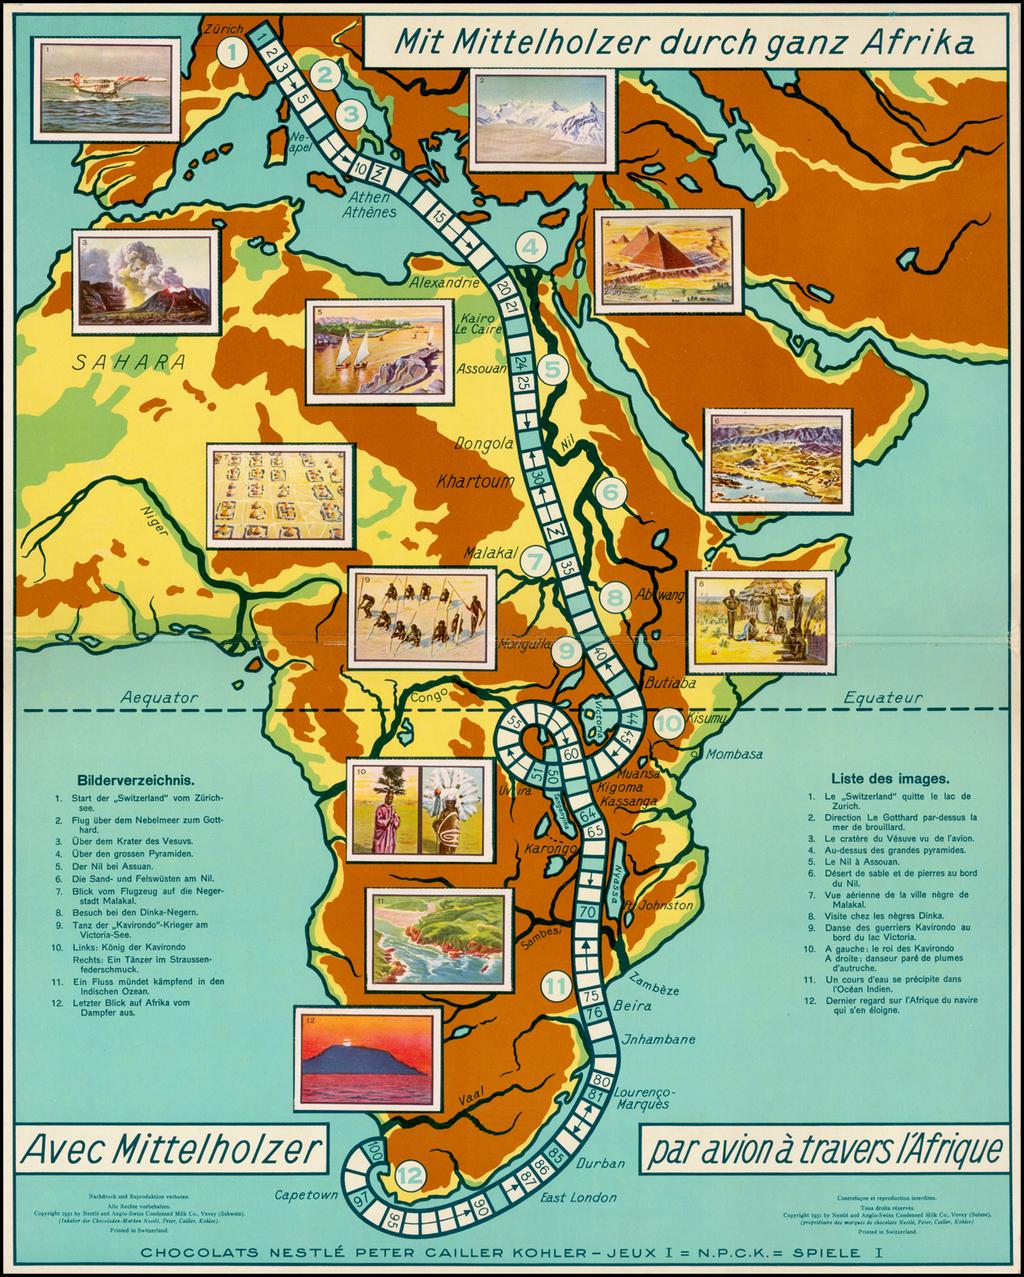 (Game Board - Walter Mittelholzer's flight over Africa)  Mit Mittelholzer durch ganz Afrika By Nestle and Anglo-Swiss Condensed Milk Co.